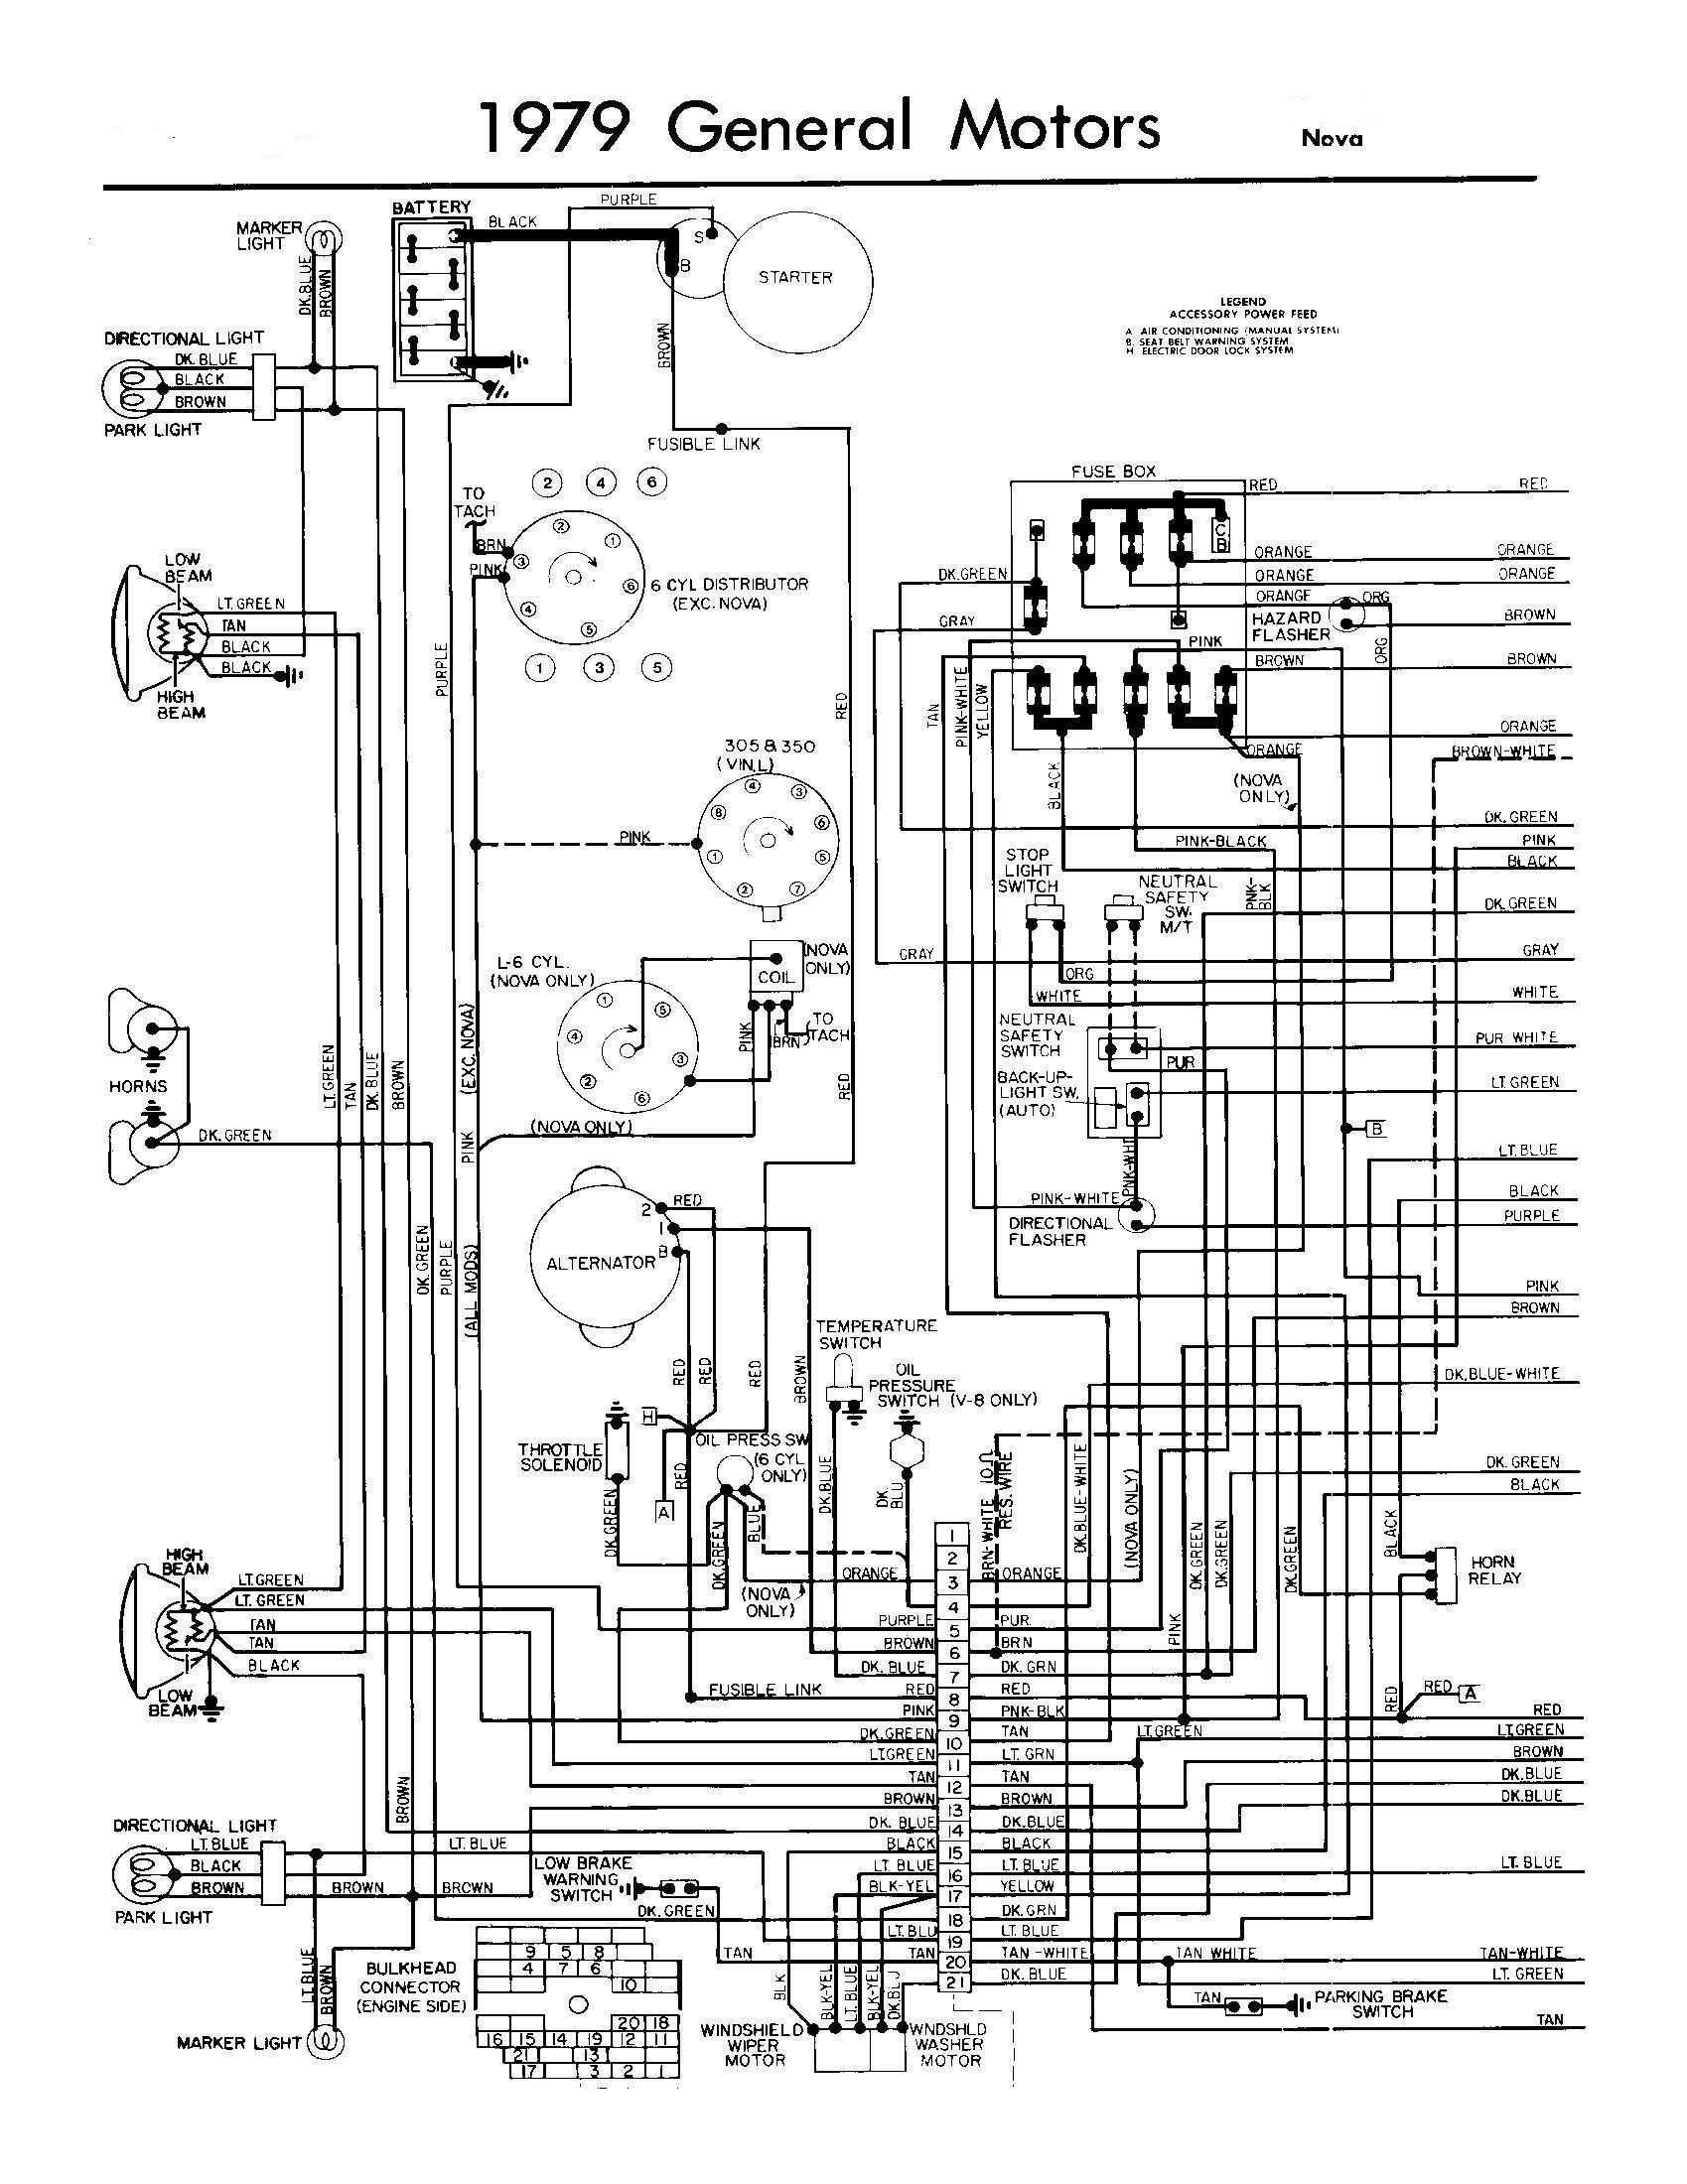 Chevy Truck Steering Column Diagram All Generation Wiring Schematics Chevy Nova forum Of Chevy Truck Steering Column Diagram